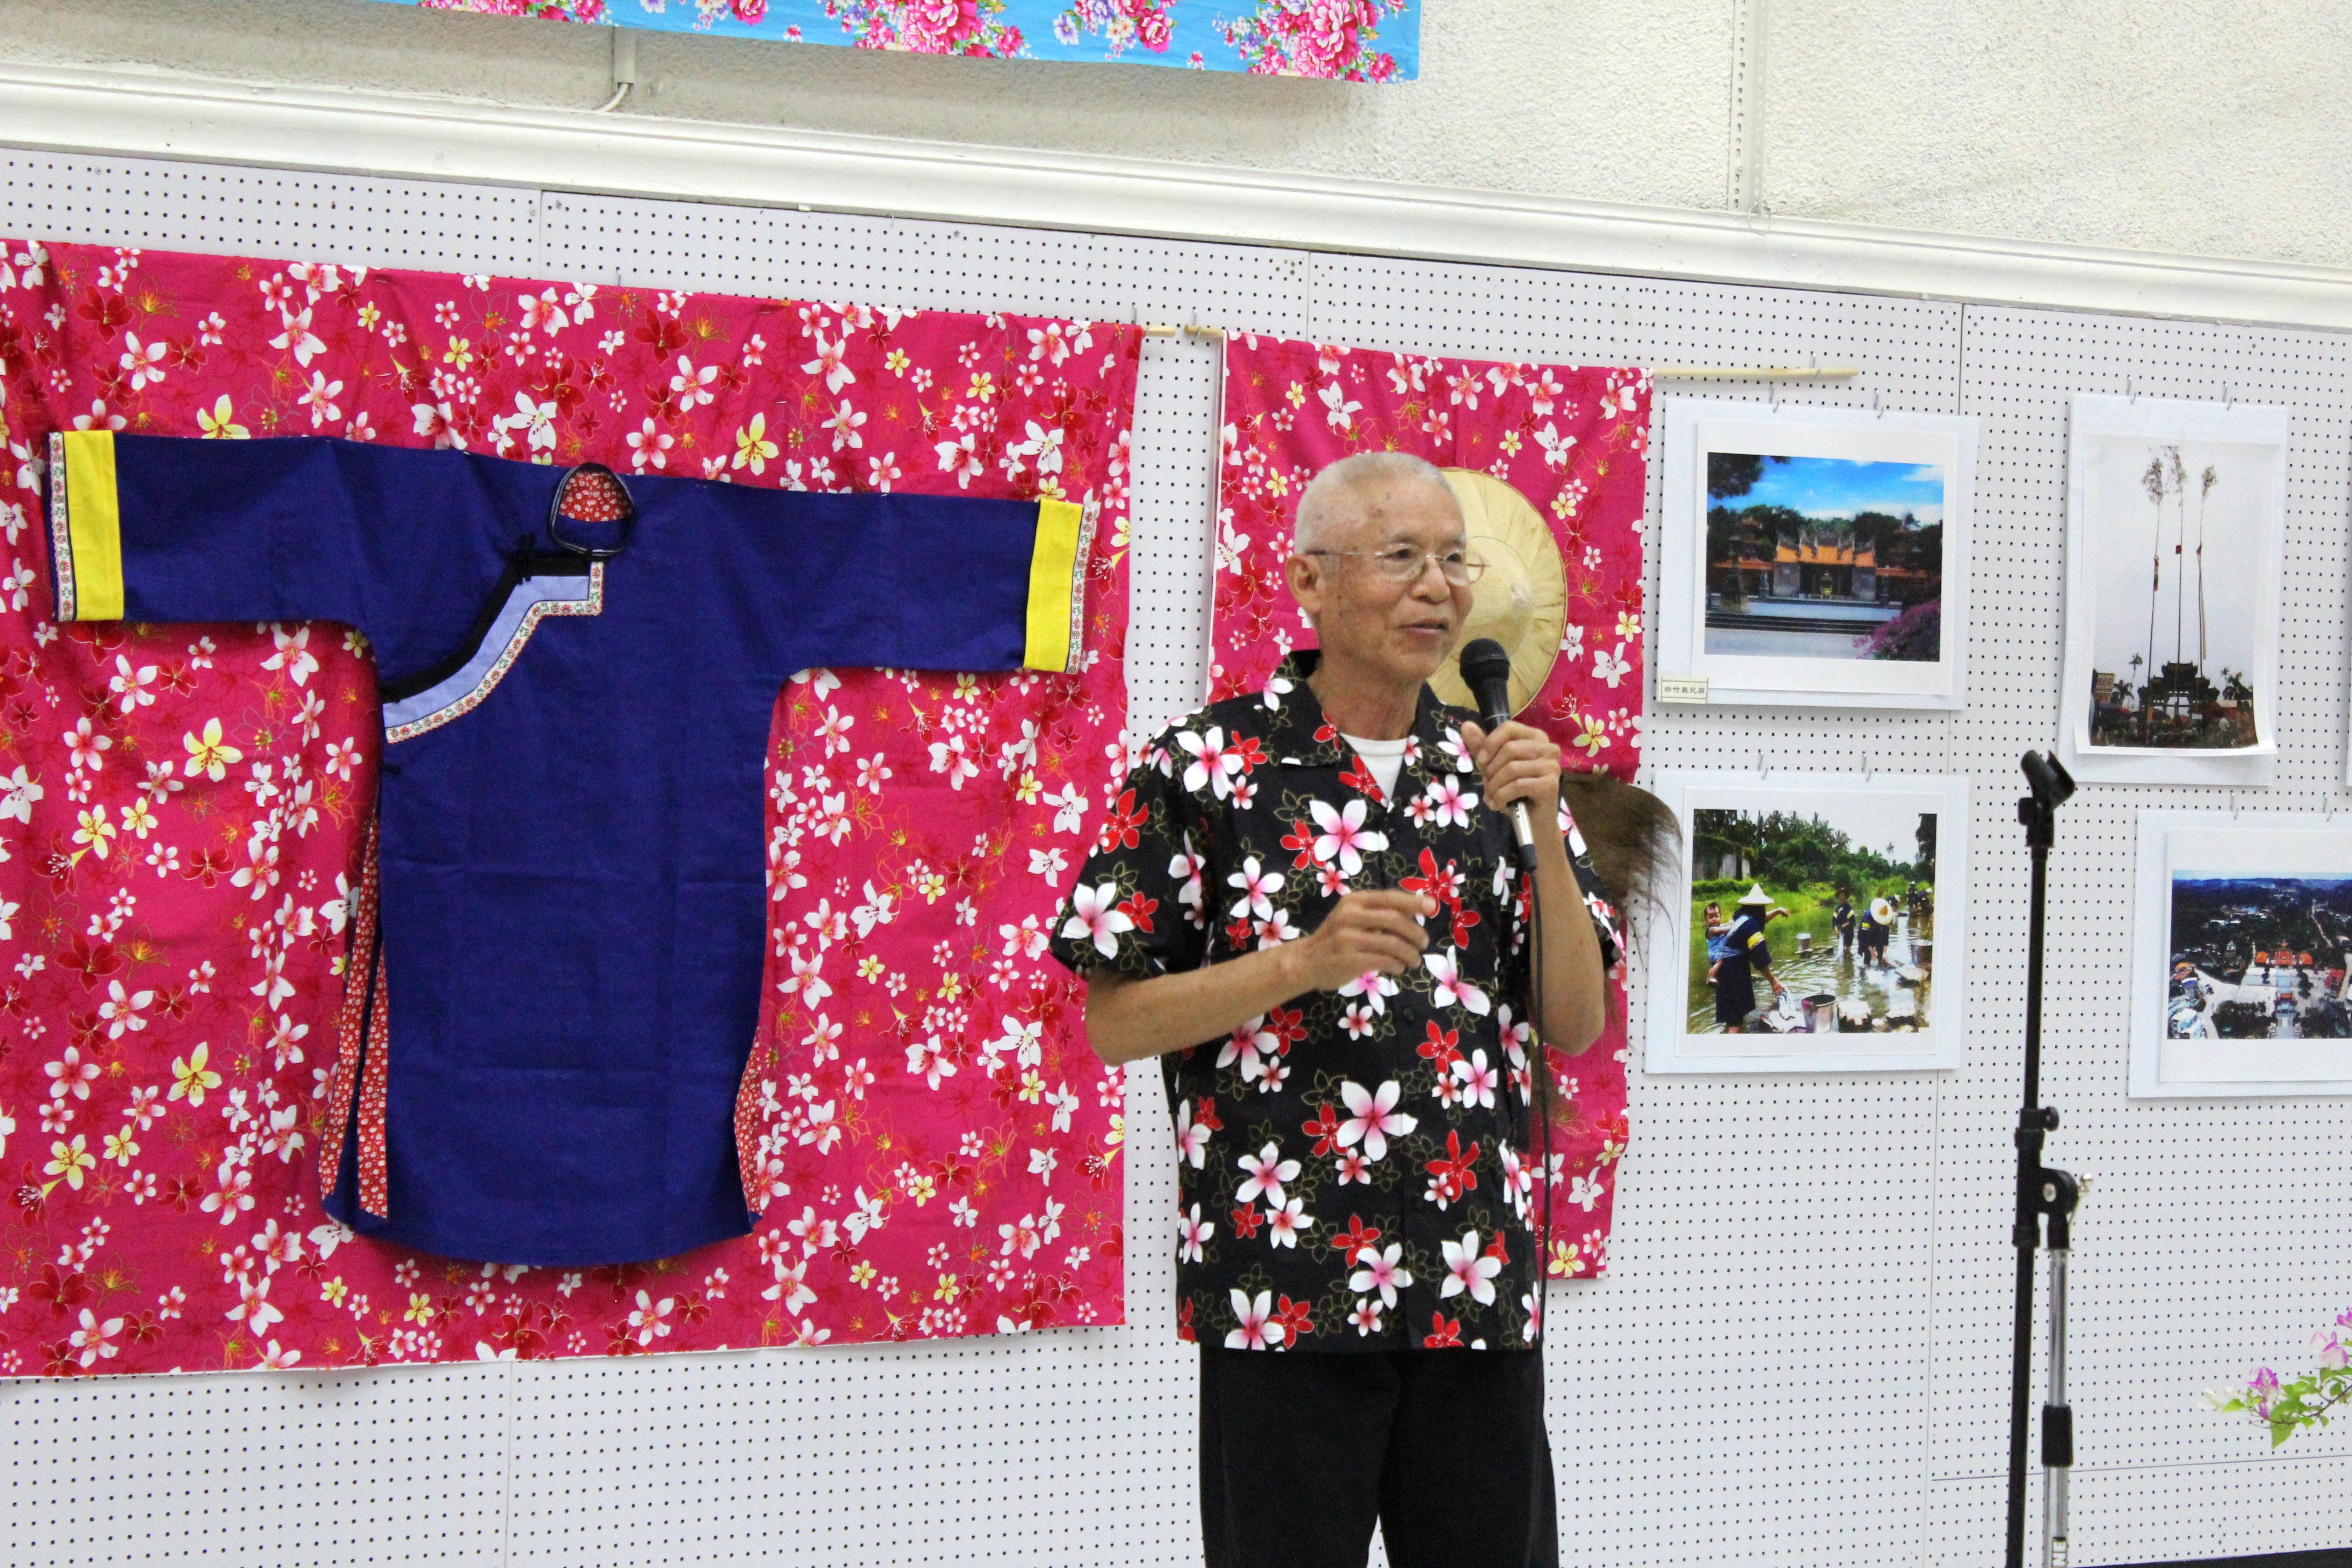 邱添昌向民眾介紹展出的桐花布及客家藍衫等等作品。(記者盧淑君/攝影)